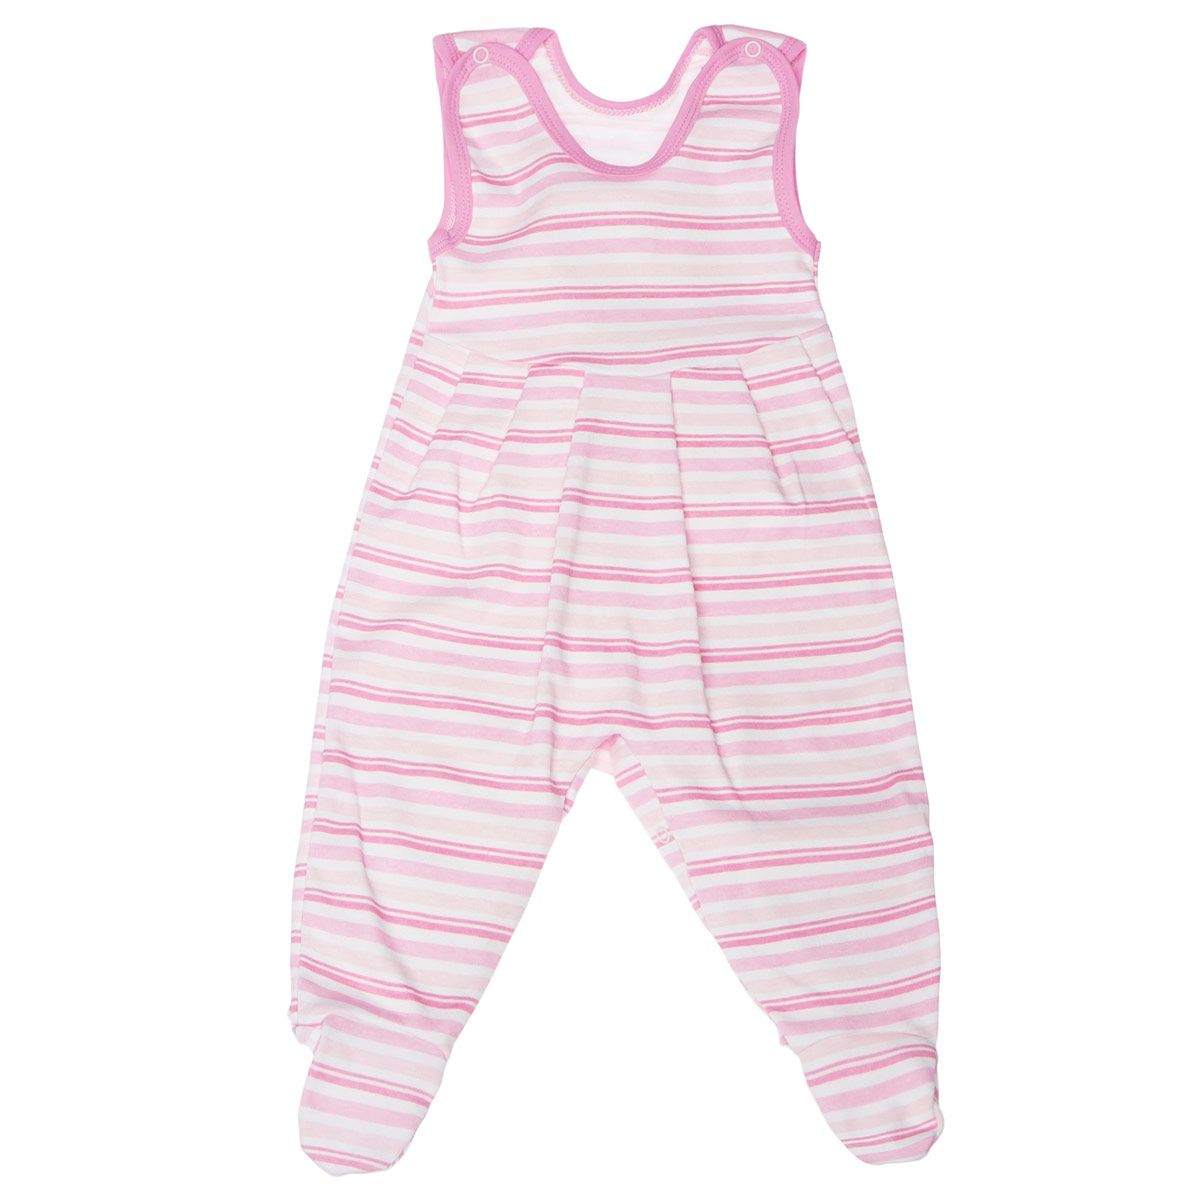 Фото Ползунки с грудкой Трон-плюс, цвет: розовый, белый. 5247_полоска. Размер 62, 3 месяца. Купить  в РФ